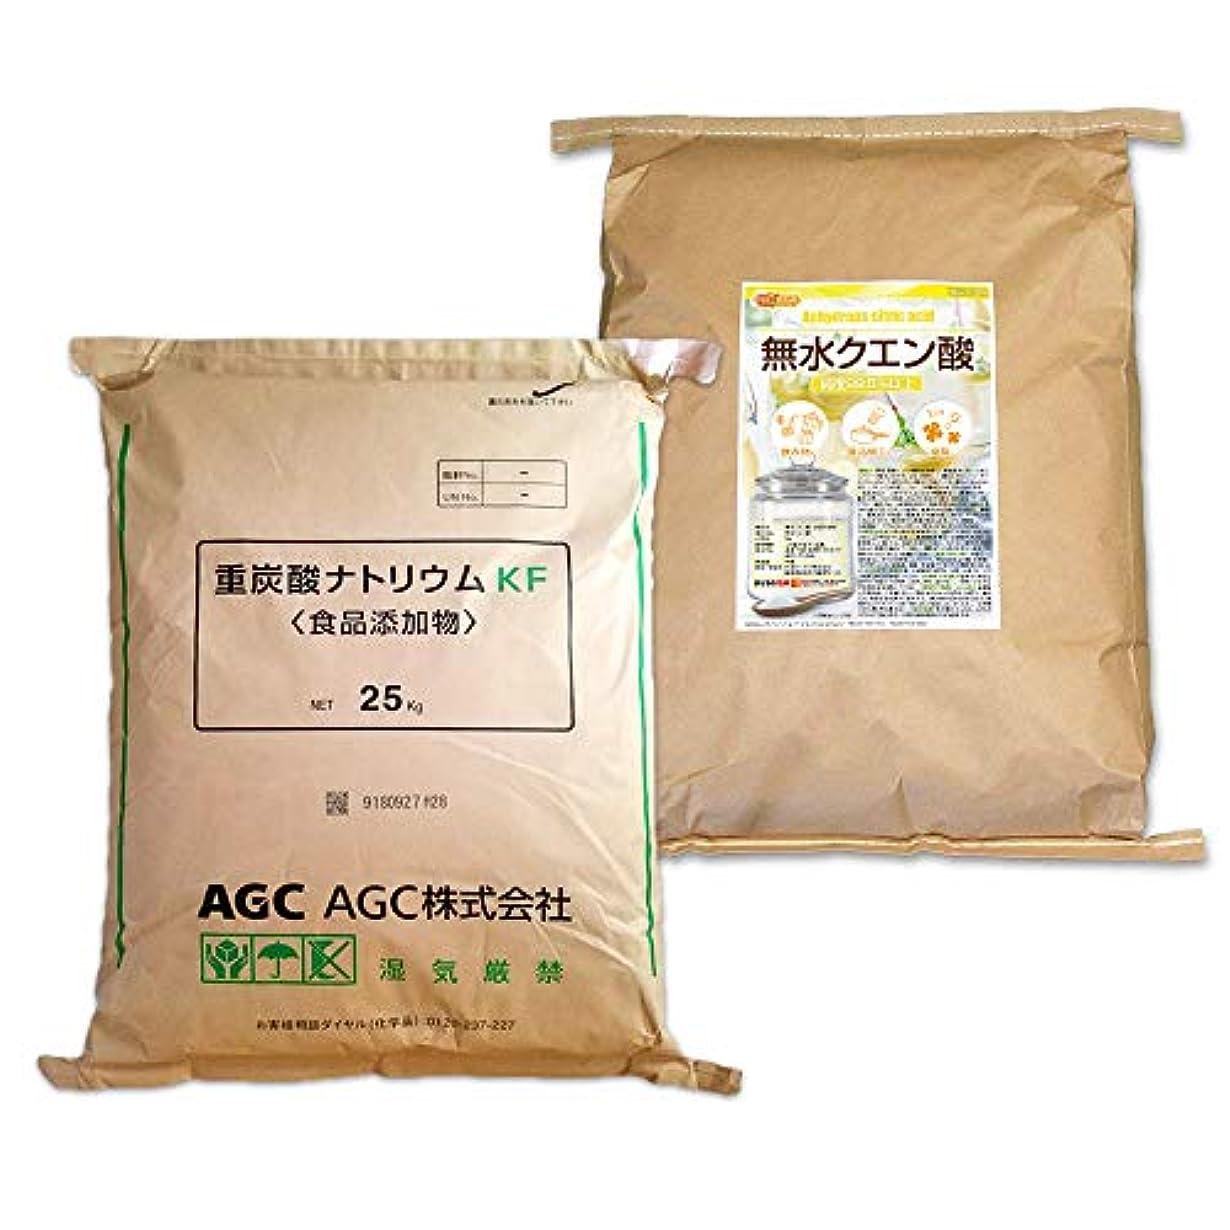 禁止するマークダウンベルベットAGC製 重曹 25kg + 無水 クエン酸 25kg セット [02] 【同梱不可】NICHIGA(ニチガ)